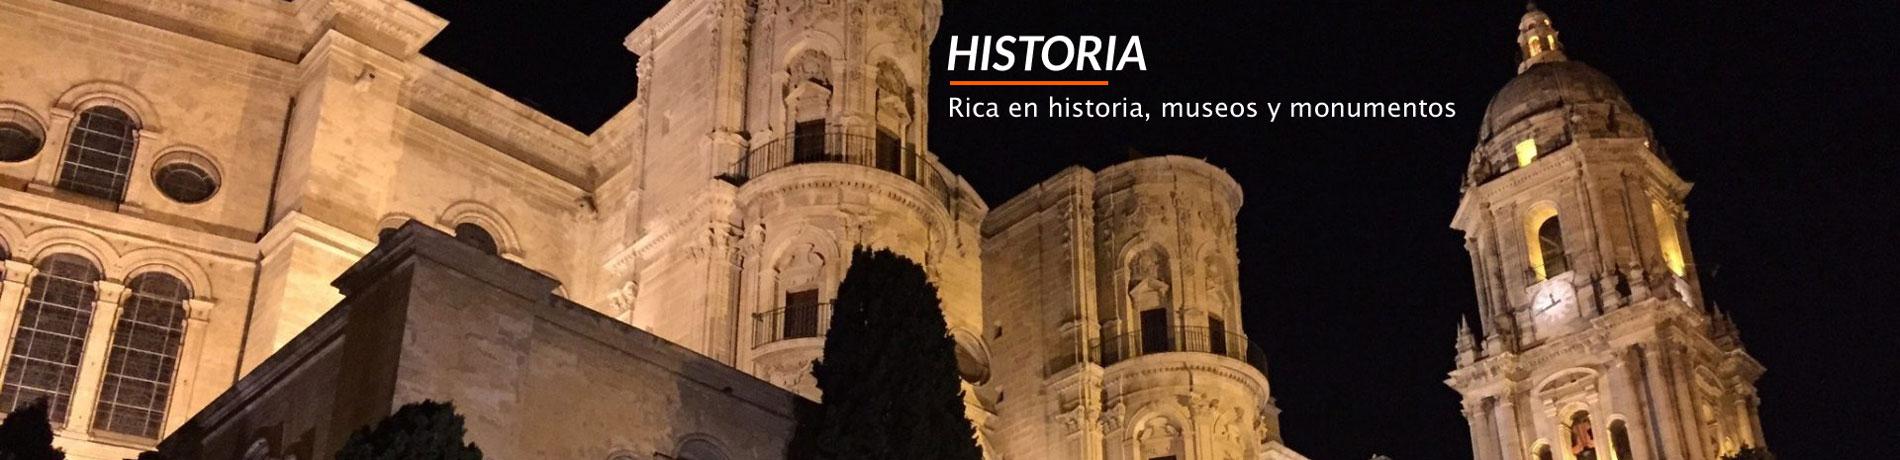 Historia rica en historia, museos y monumentos